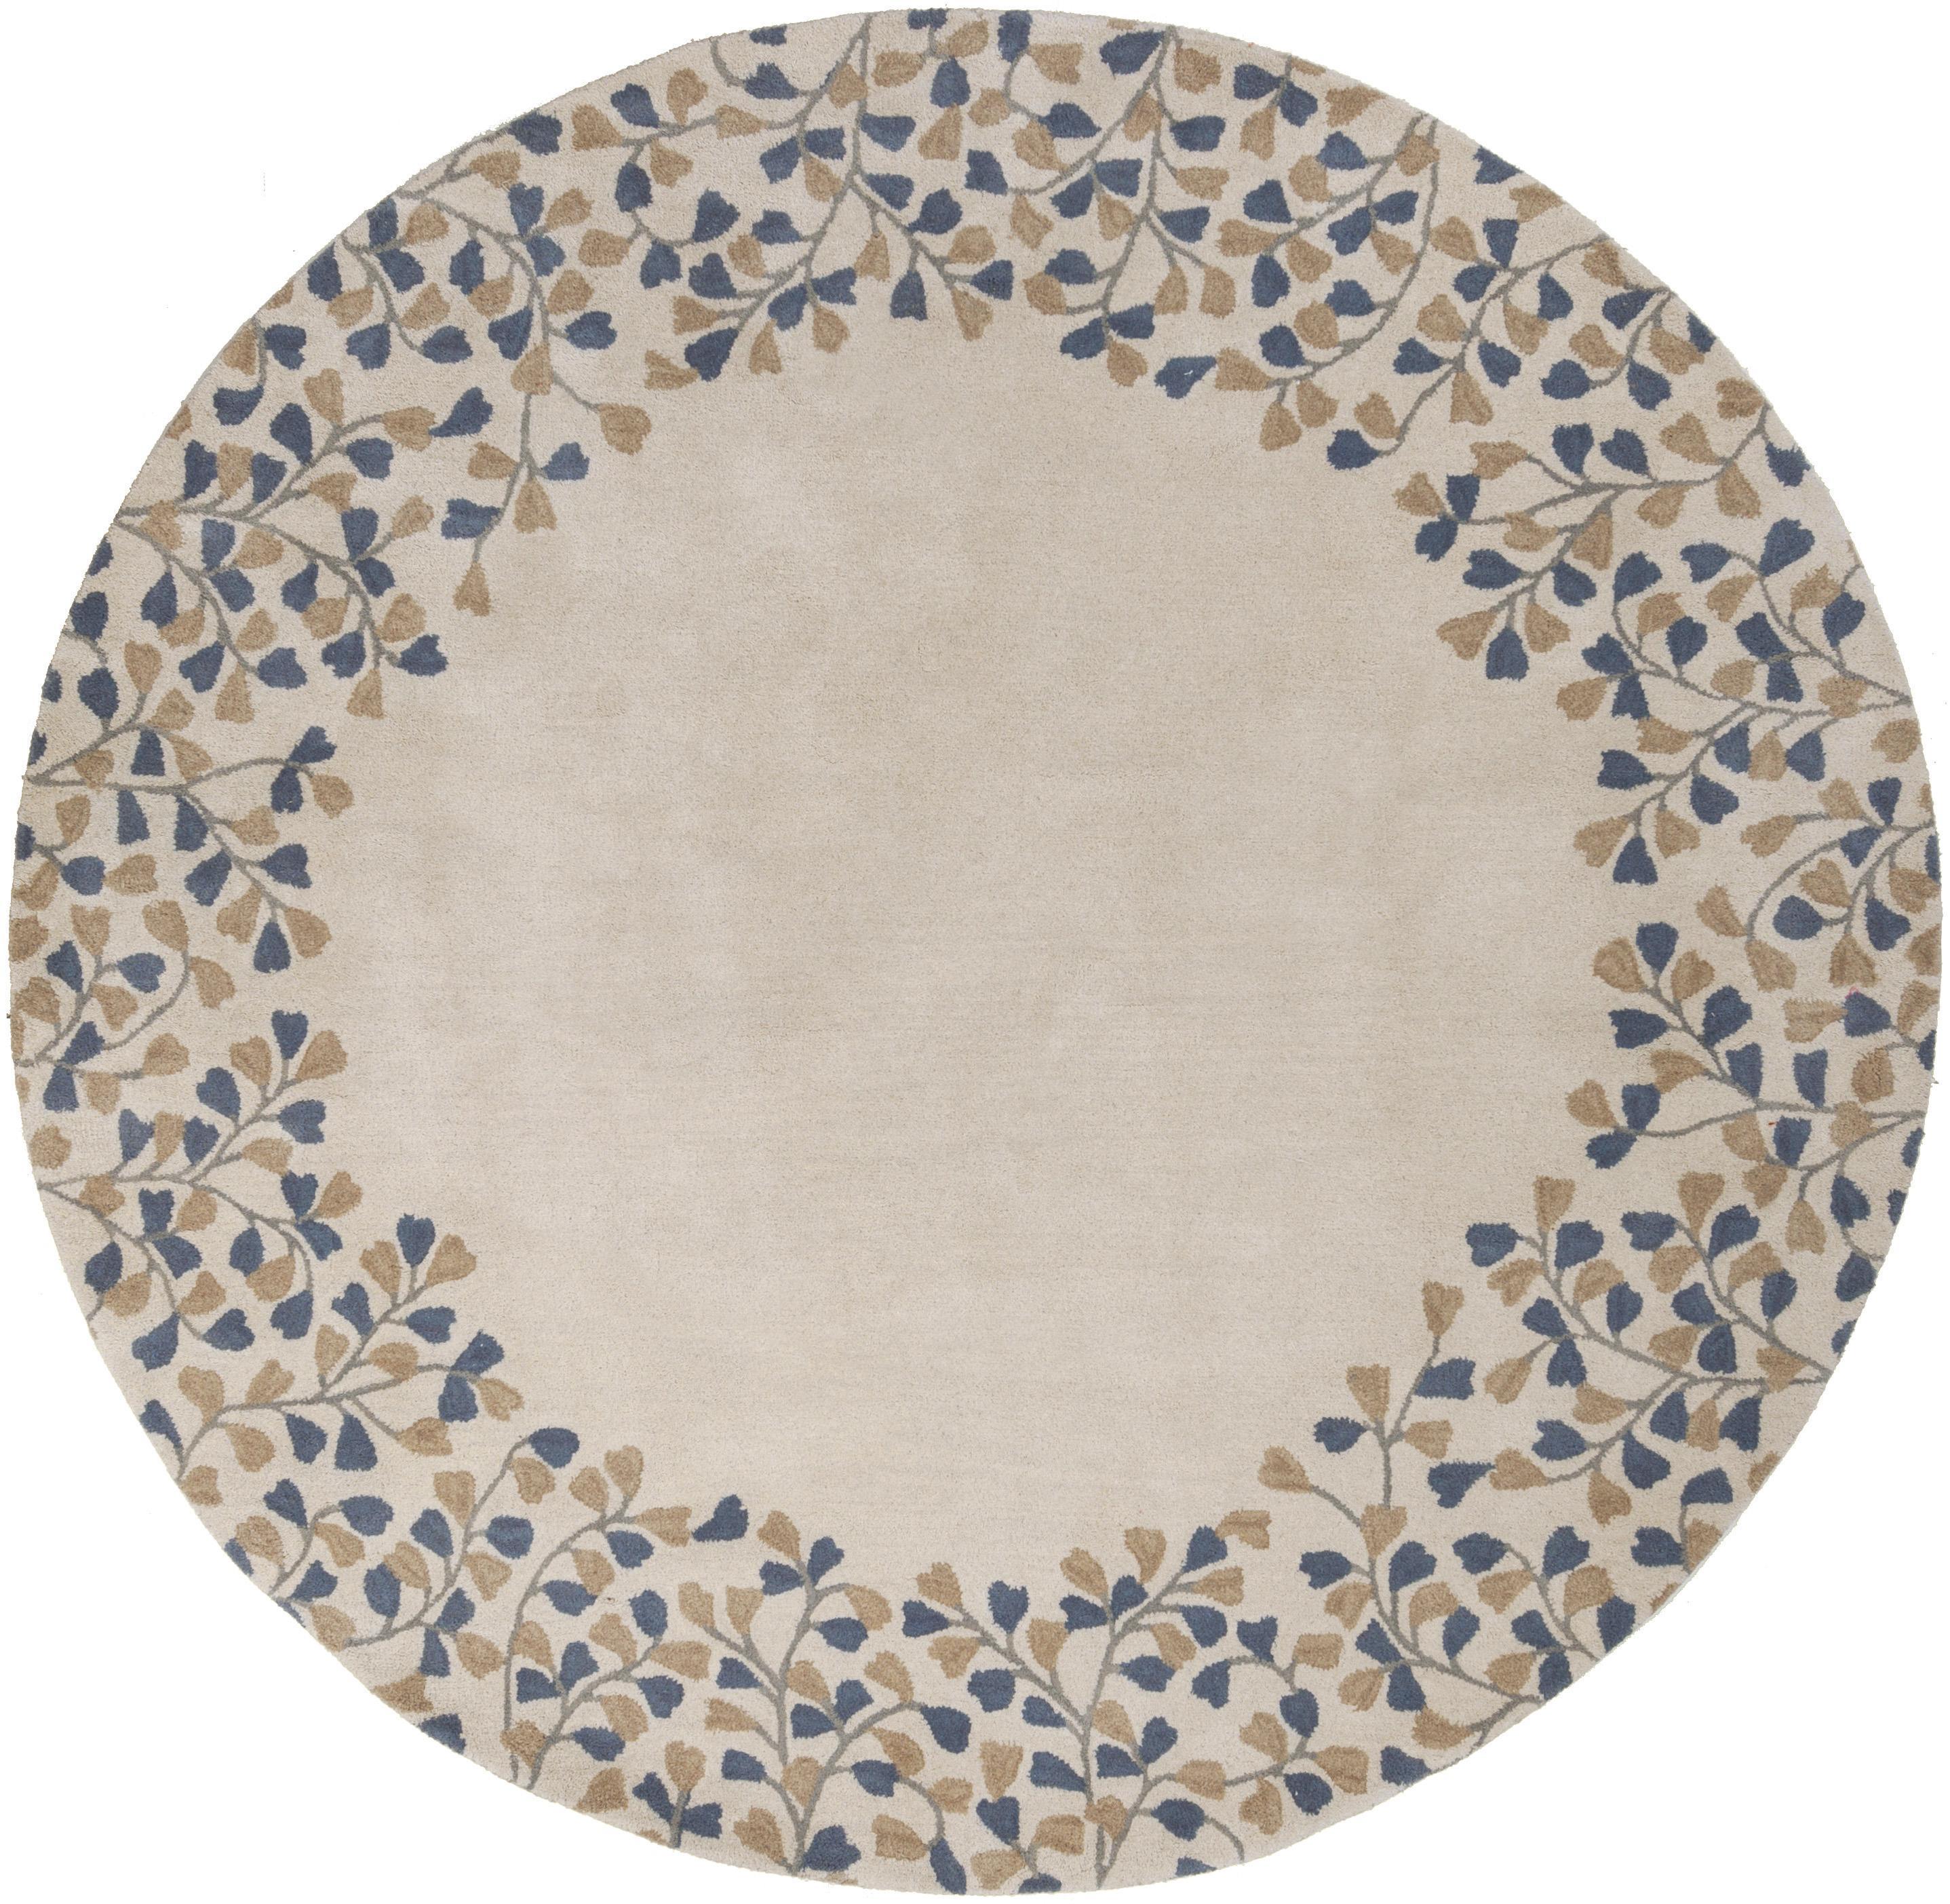 Surya Athena 4' Round - Item Number: ATH5117-4RD